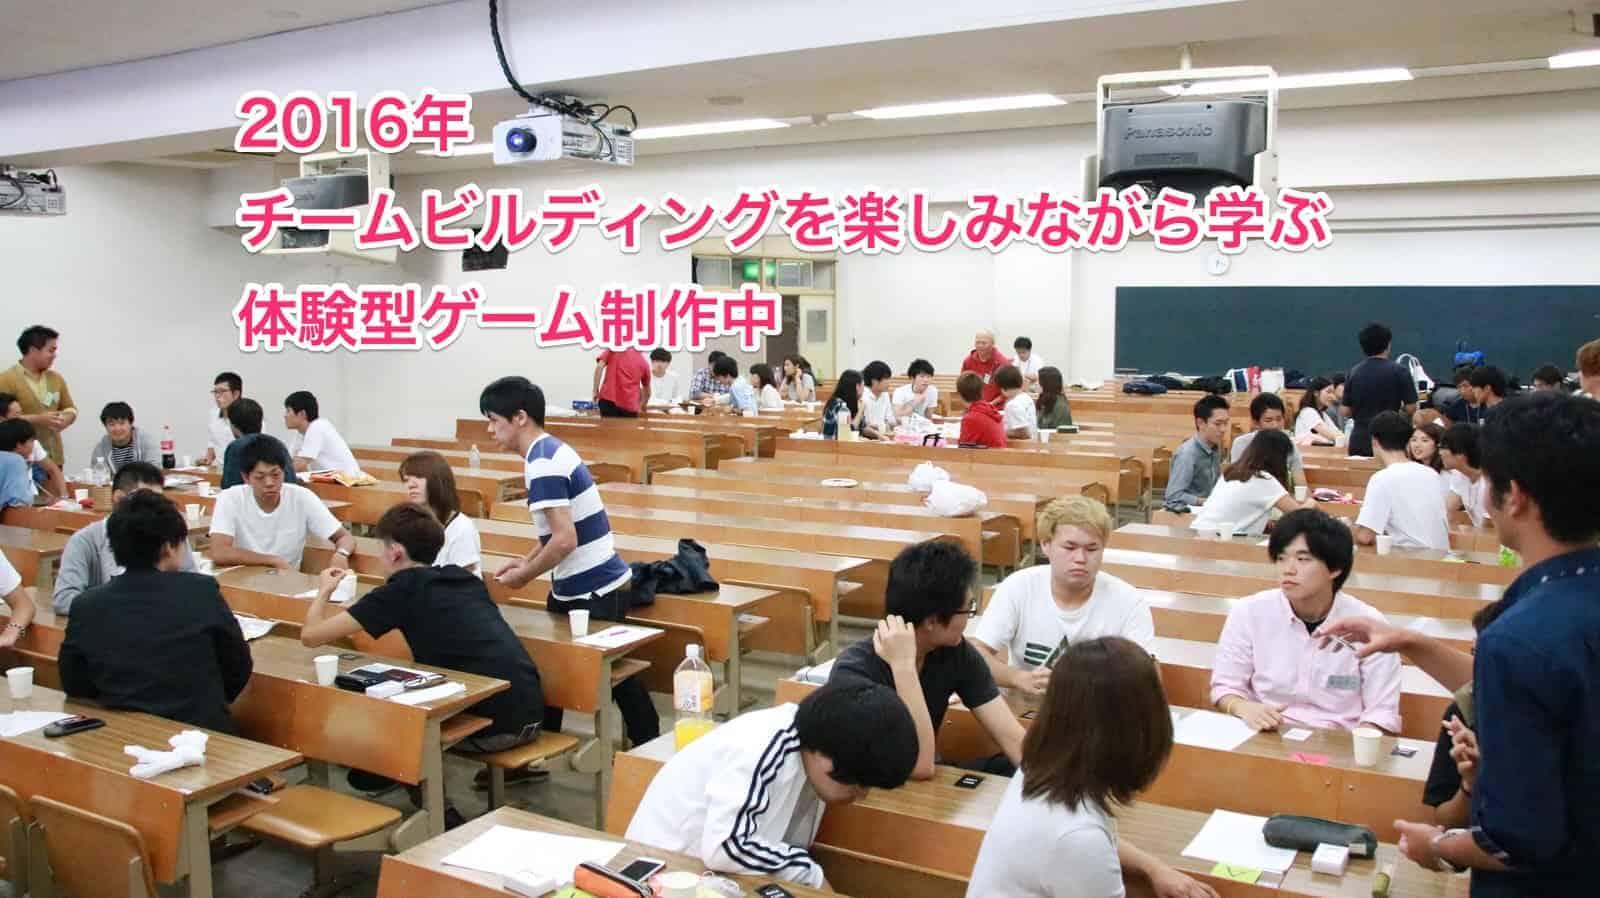 IMG 2977 1 1 - 【過去ログ】2016年版 橋本ゼミの記事リスト